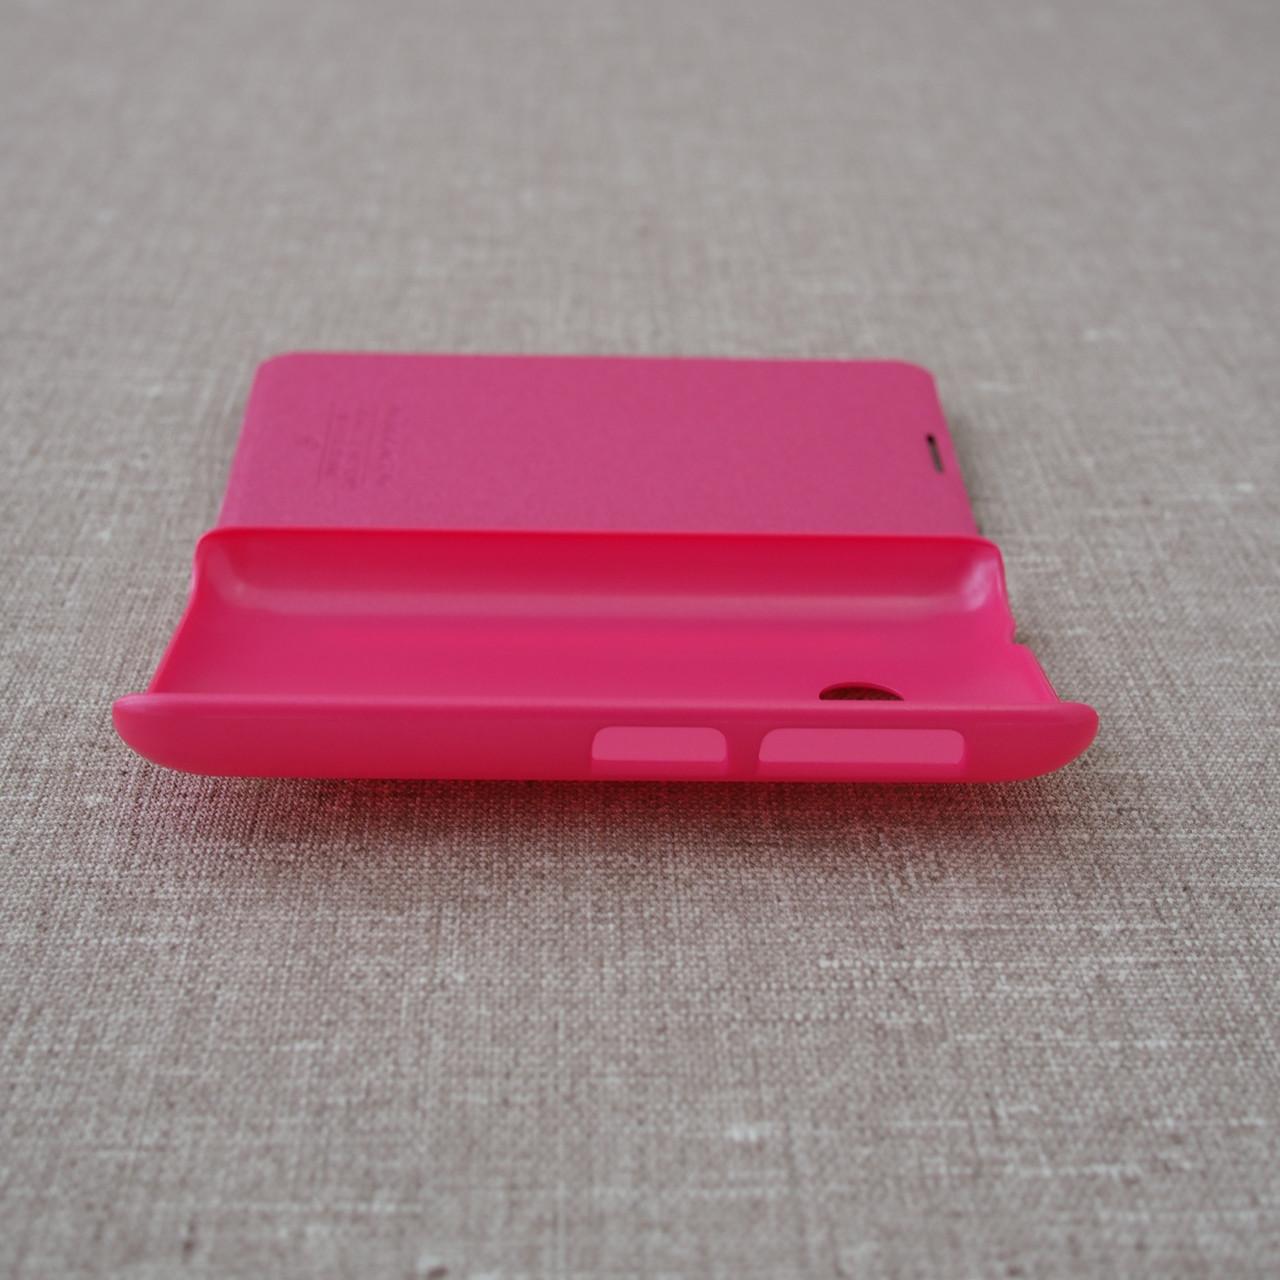 Чехол Nillkin Sparkle Nokia Lumia 530 pink Для телефона